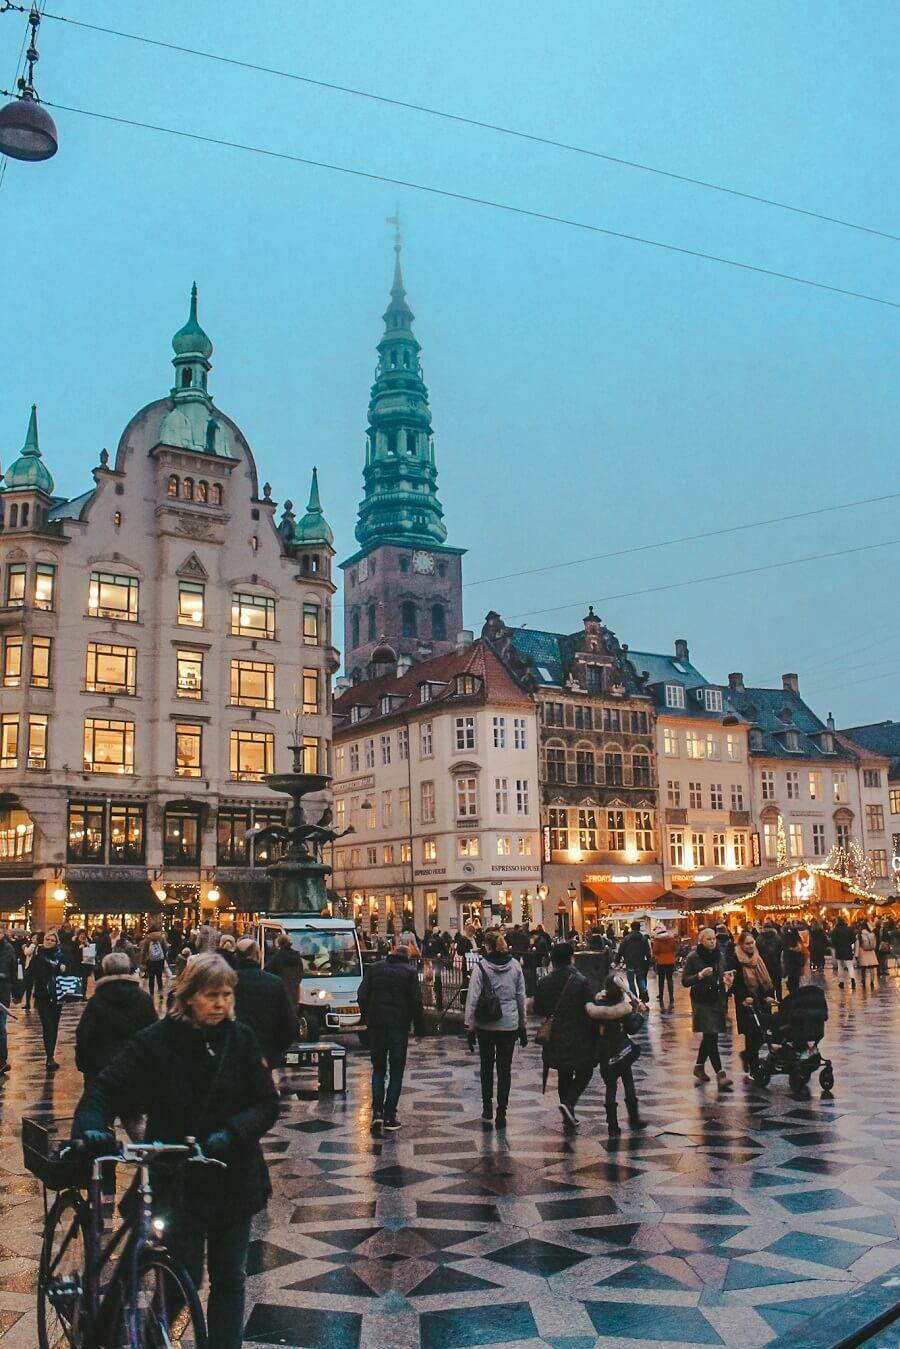 Strøget via dello shopping | Cosa vedere a Copenaghen in un giorno